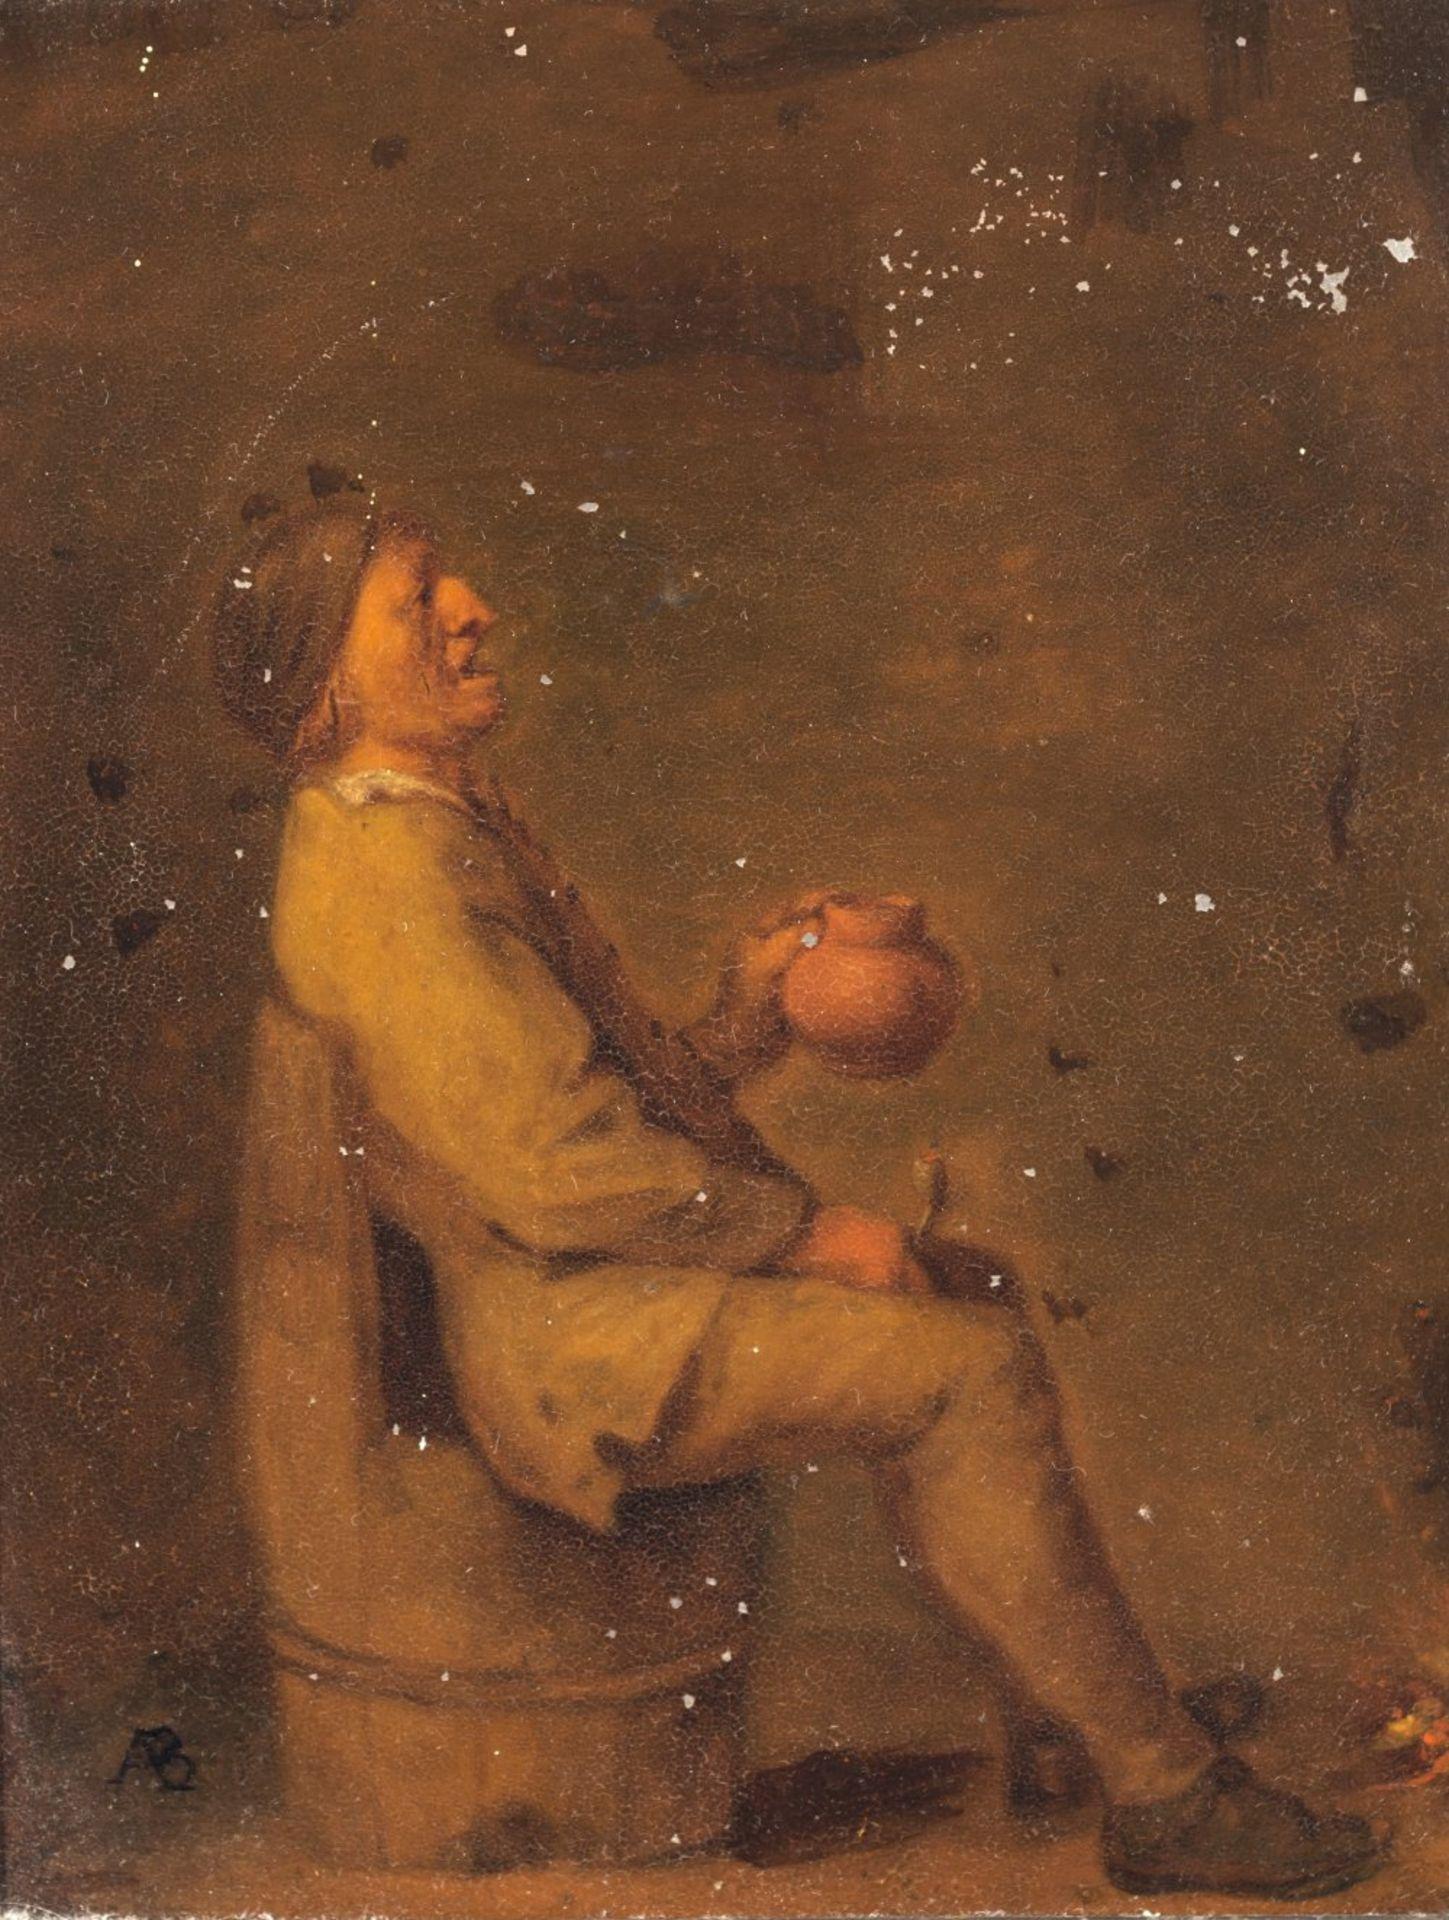 Monogrammist A. B.Niederlande, 17. Jh. Bauer mit Krug und Pfeife. Öl/Metall. 19 x 15 cm. Besch.